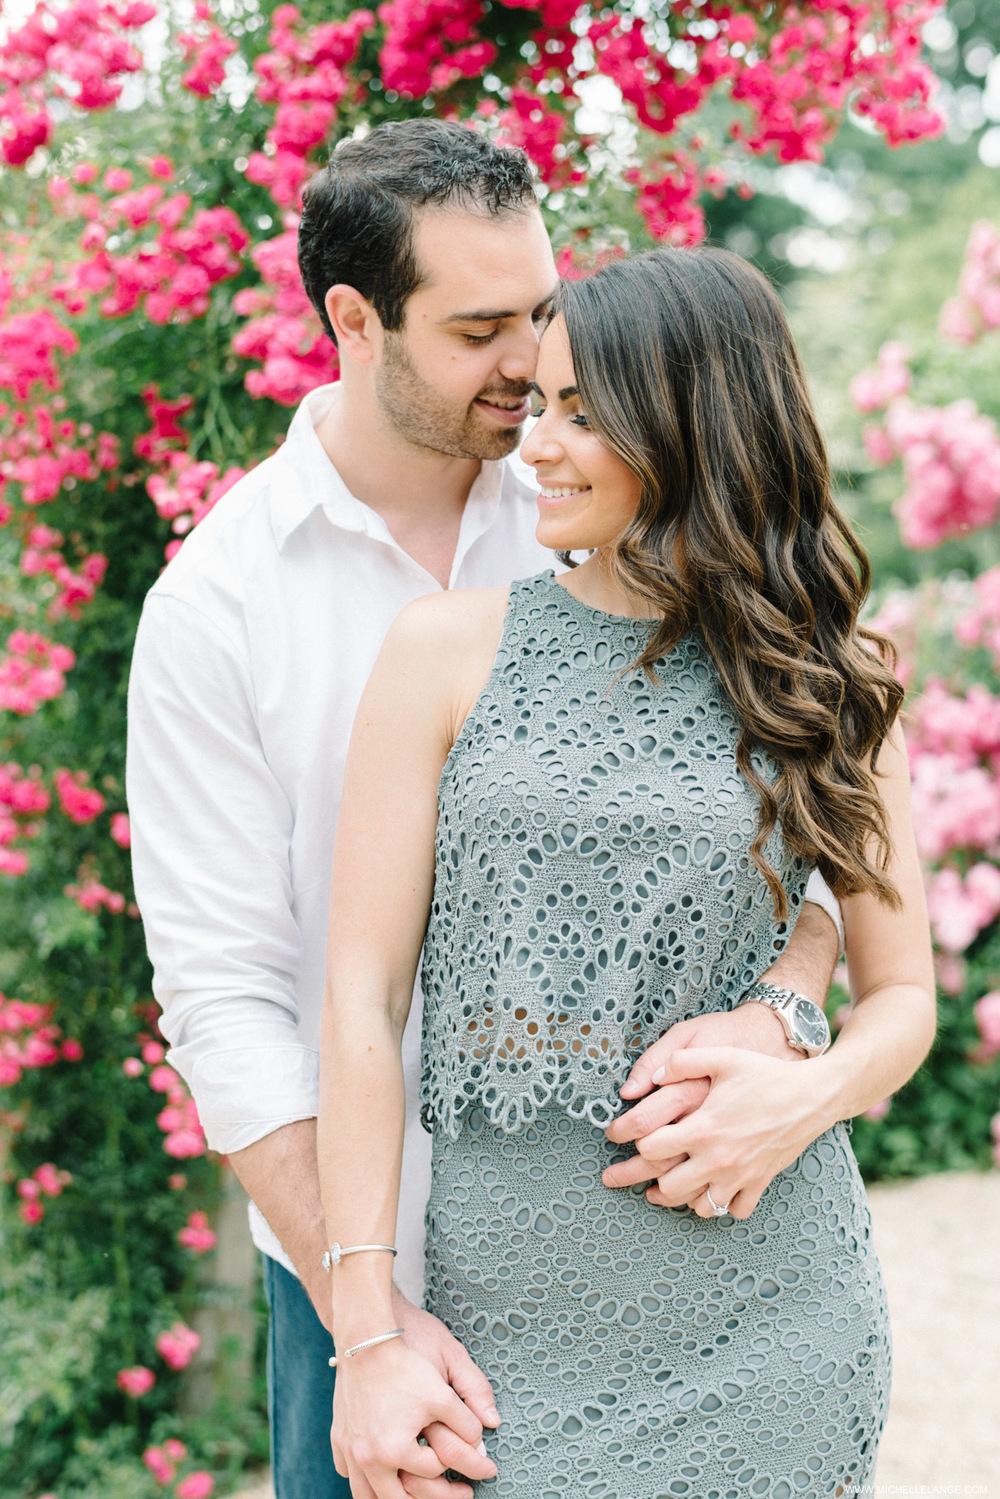 NY Engagement Photographer-4.jpg